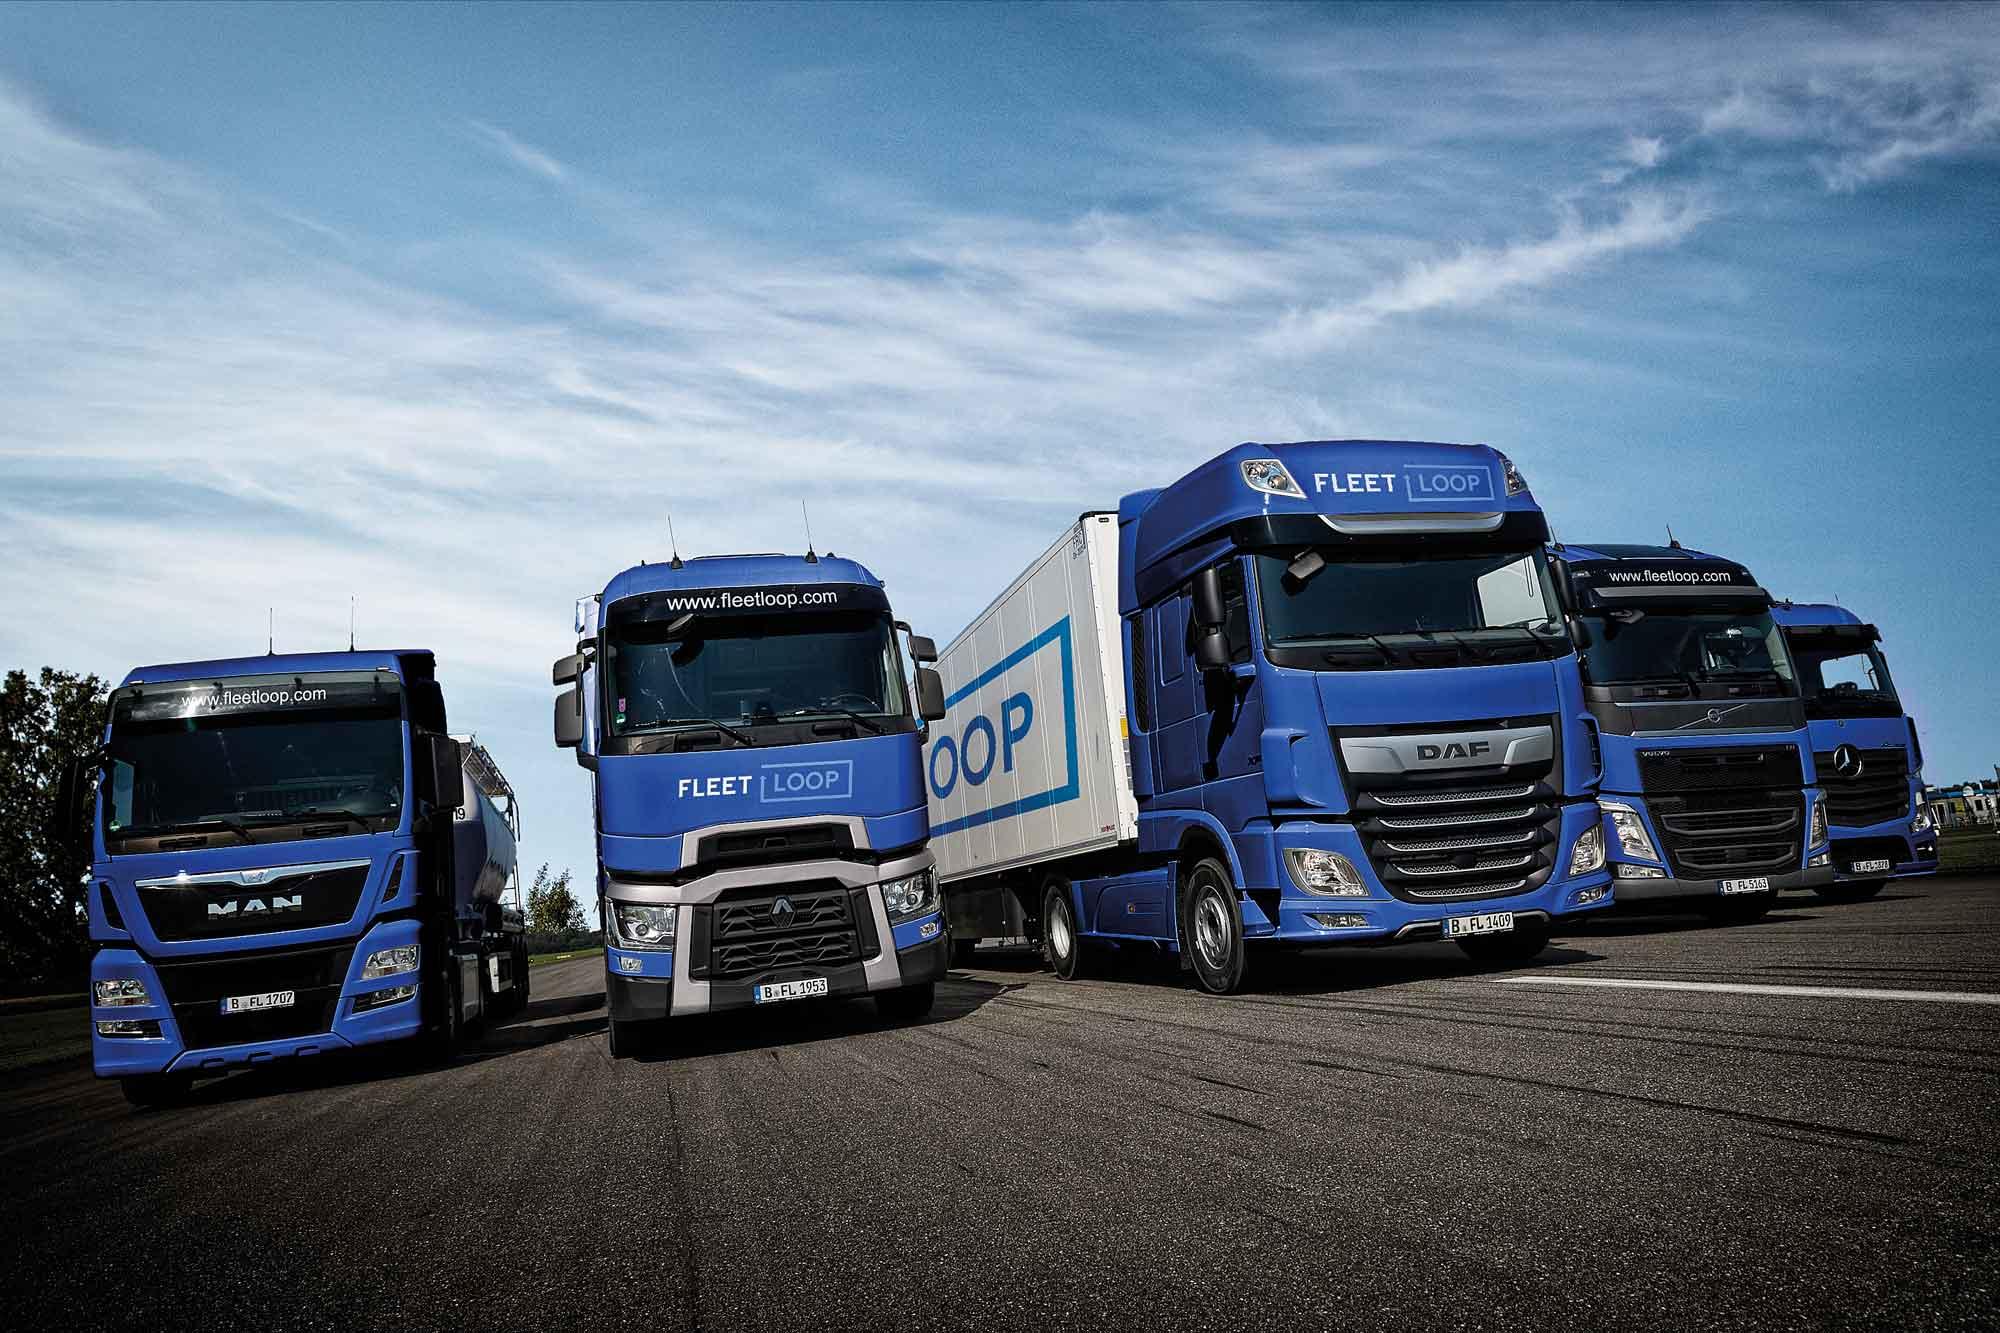 Fleetloop baut ein Franchise-System für Nutzfahrzeugmiete und Werkstattleistungen auf